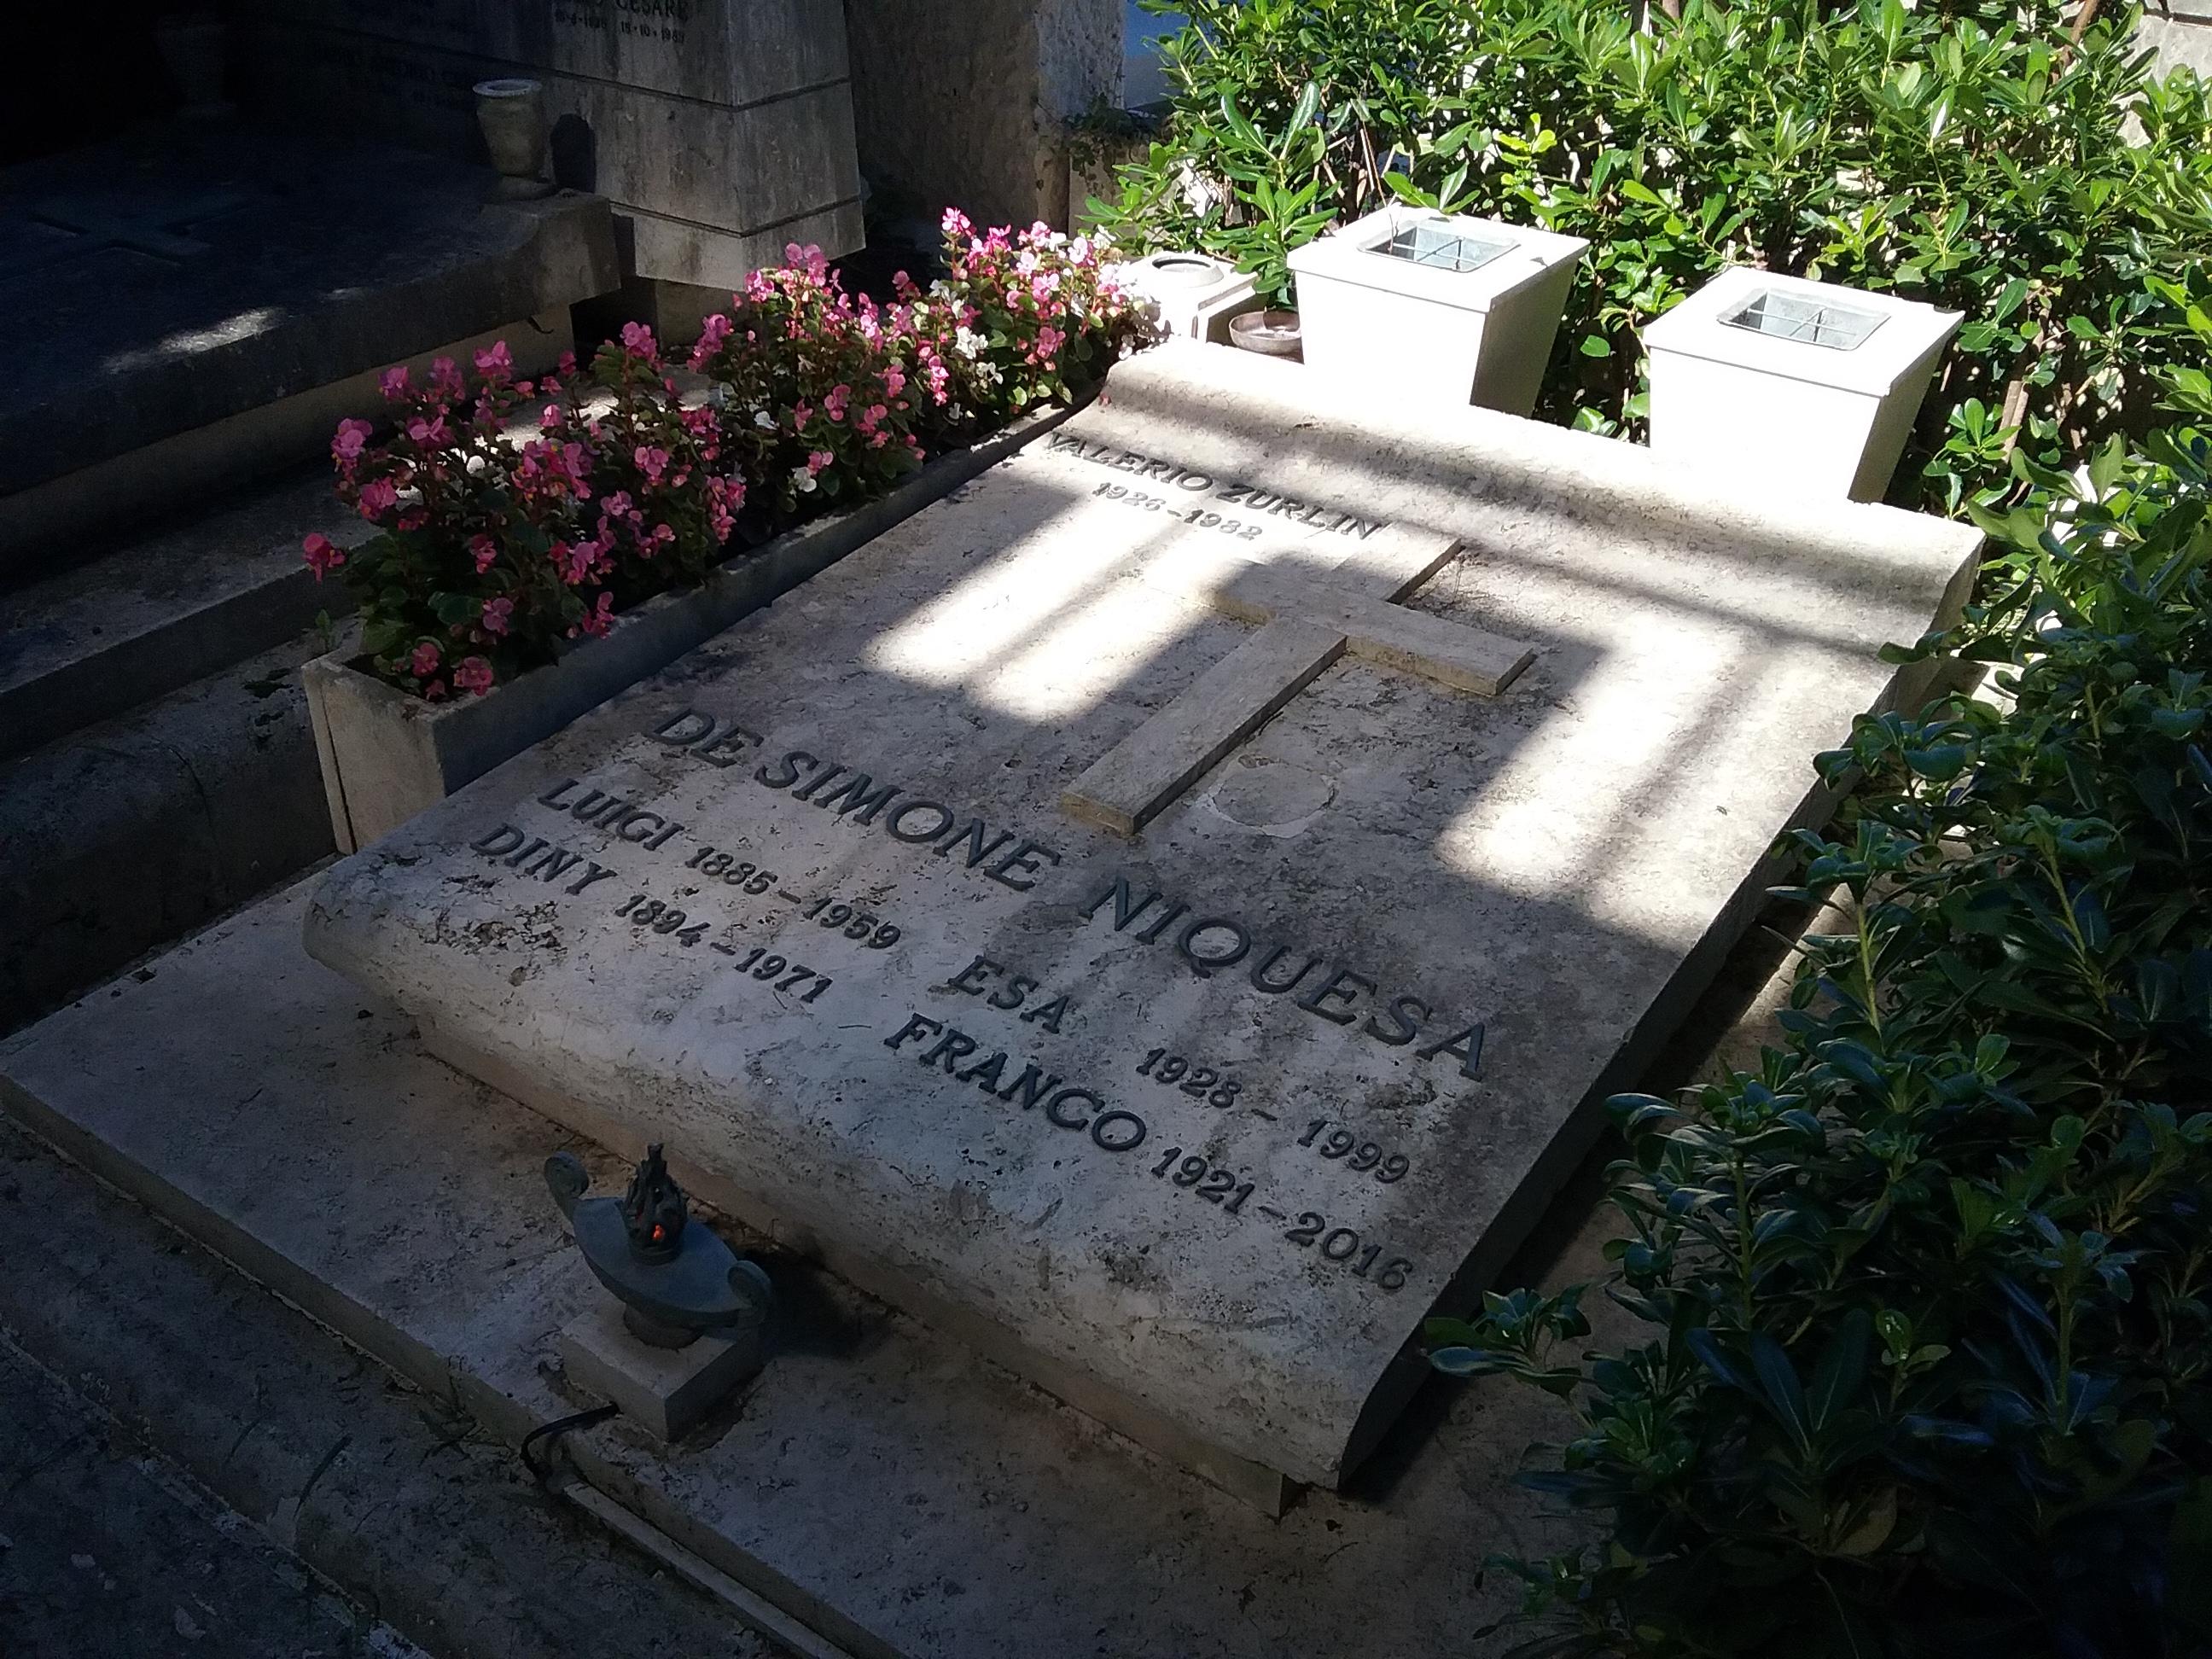 Posizione Monte Portonaccio, 2° Gradone, tomba 34